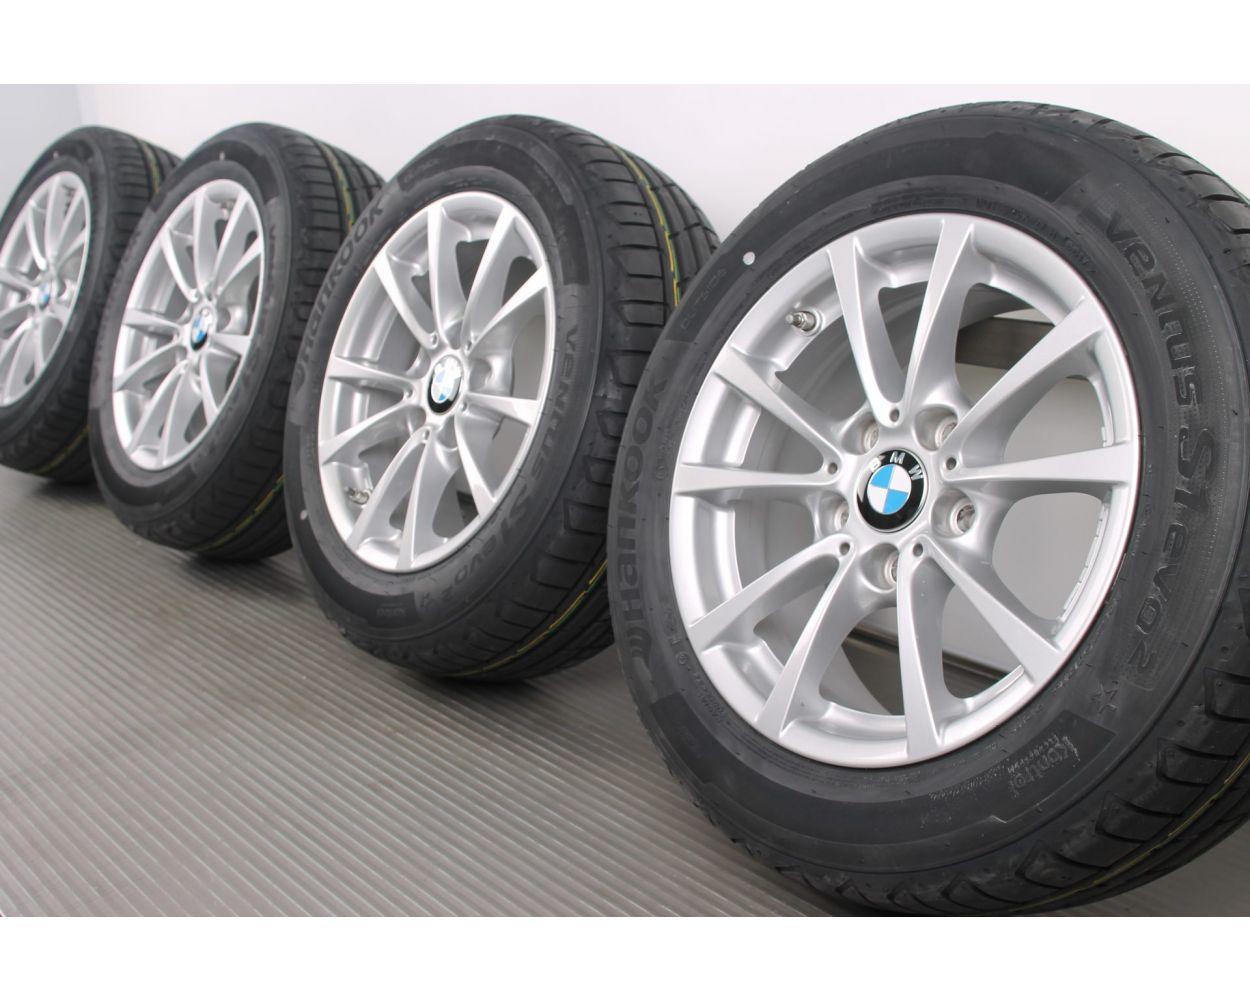 Bmw Summer Wheels 3er F30 F31 16 Zoll 390 V Spoke